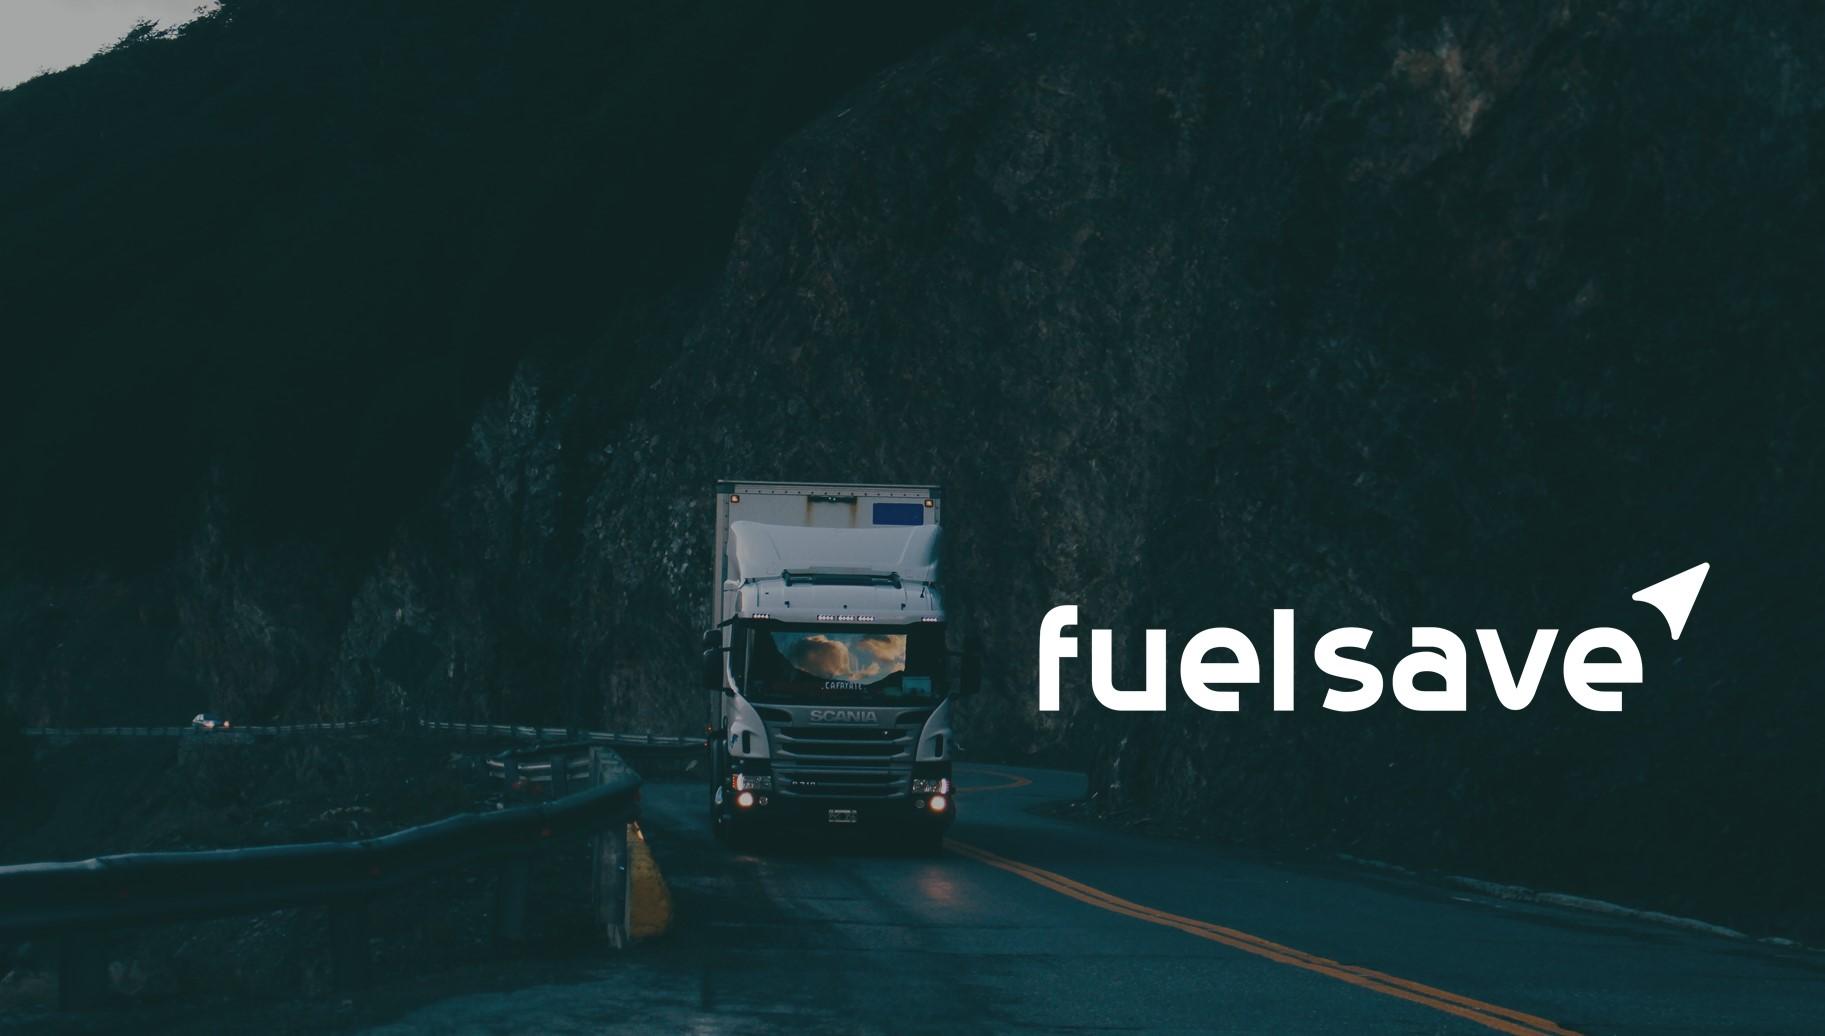 FuelSave.io